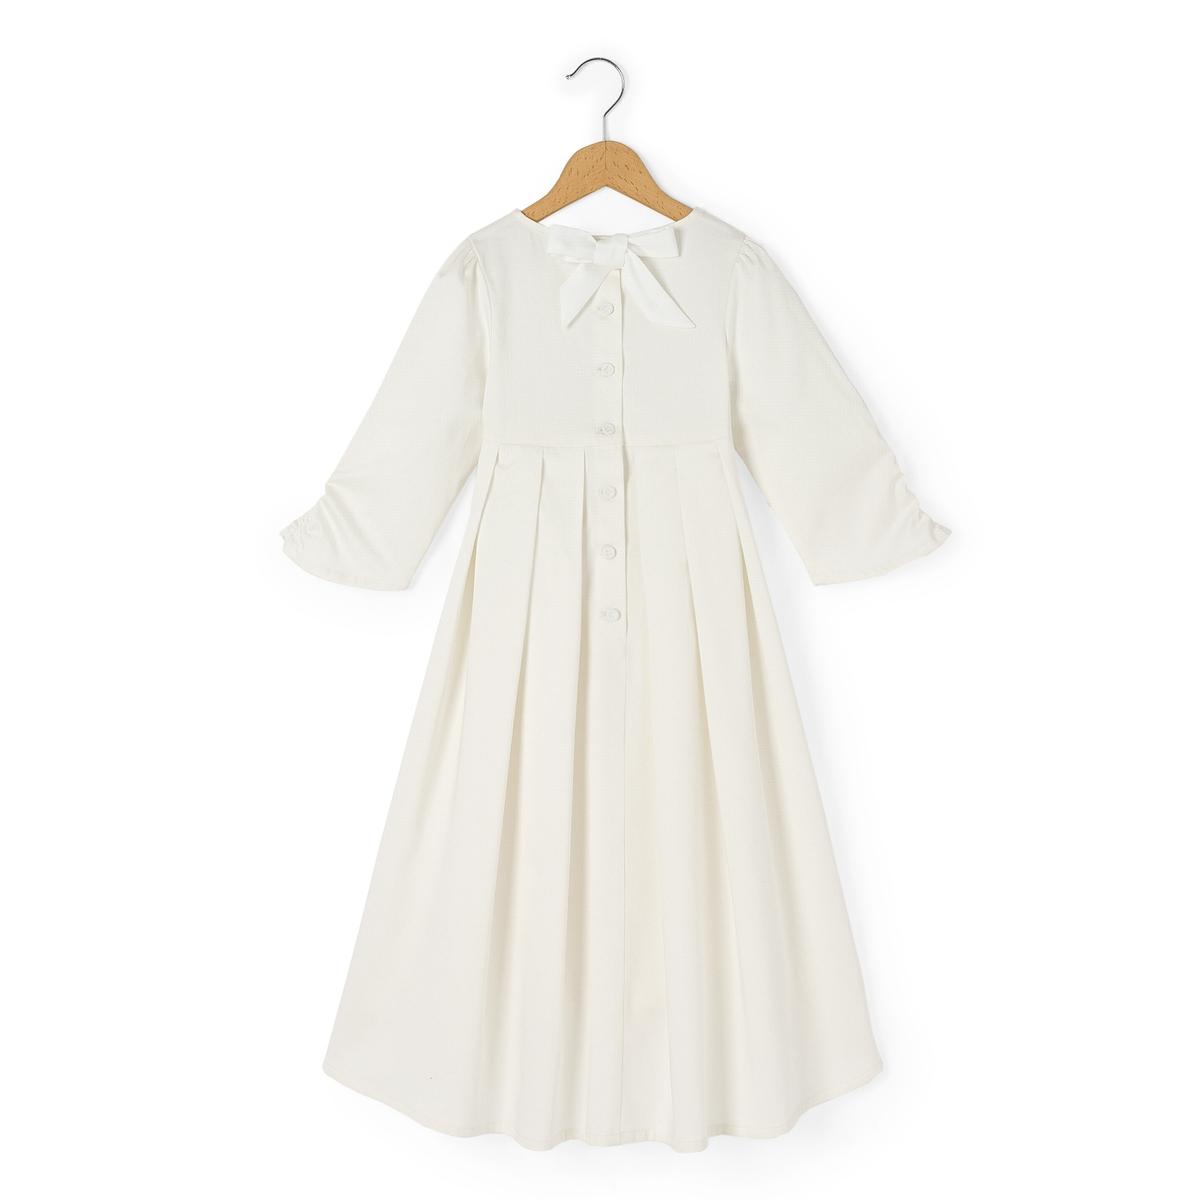 Платье для торжества из сатина, 3-12 летПлатье для торжества из сатина. Вырез-лодочка. Рукава 3/4 со складками. Высокий вырез. Асимметричный низ. Лента сзади.Состав и описание : Материал          100% хлопокМарка          DELPHINE MANIVET X LA REDOUTEУход :Машинная стирка при 30 °C с вещами схожих цветовСтирать и гладить с изнаночной стороныСухая чистка и машинная сушка запрещеныГладить при низкой температуреDELPHINE MANIVET приложили все вое мастерство для производства товаров для самых маленьких.Вы можете увидеть кружева, мусслин, эффект прозрачности и милые драпировки - все это является неотъемлемой частью праздничных нарядов наших маленьких героев дня.<br><br>Цвет: белый<br>Размер: 12 лет -150 см